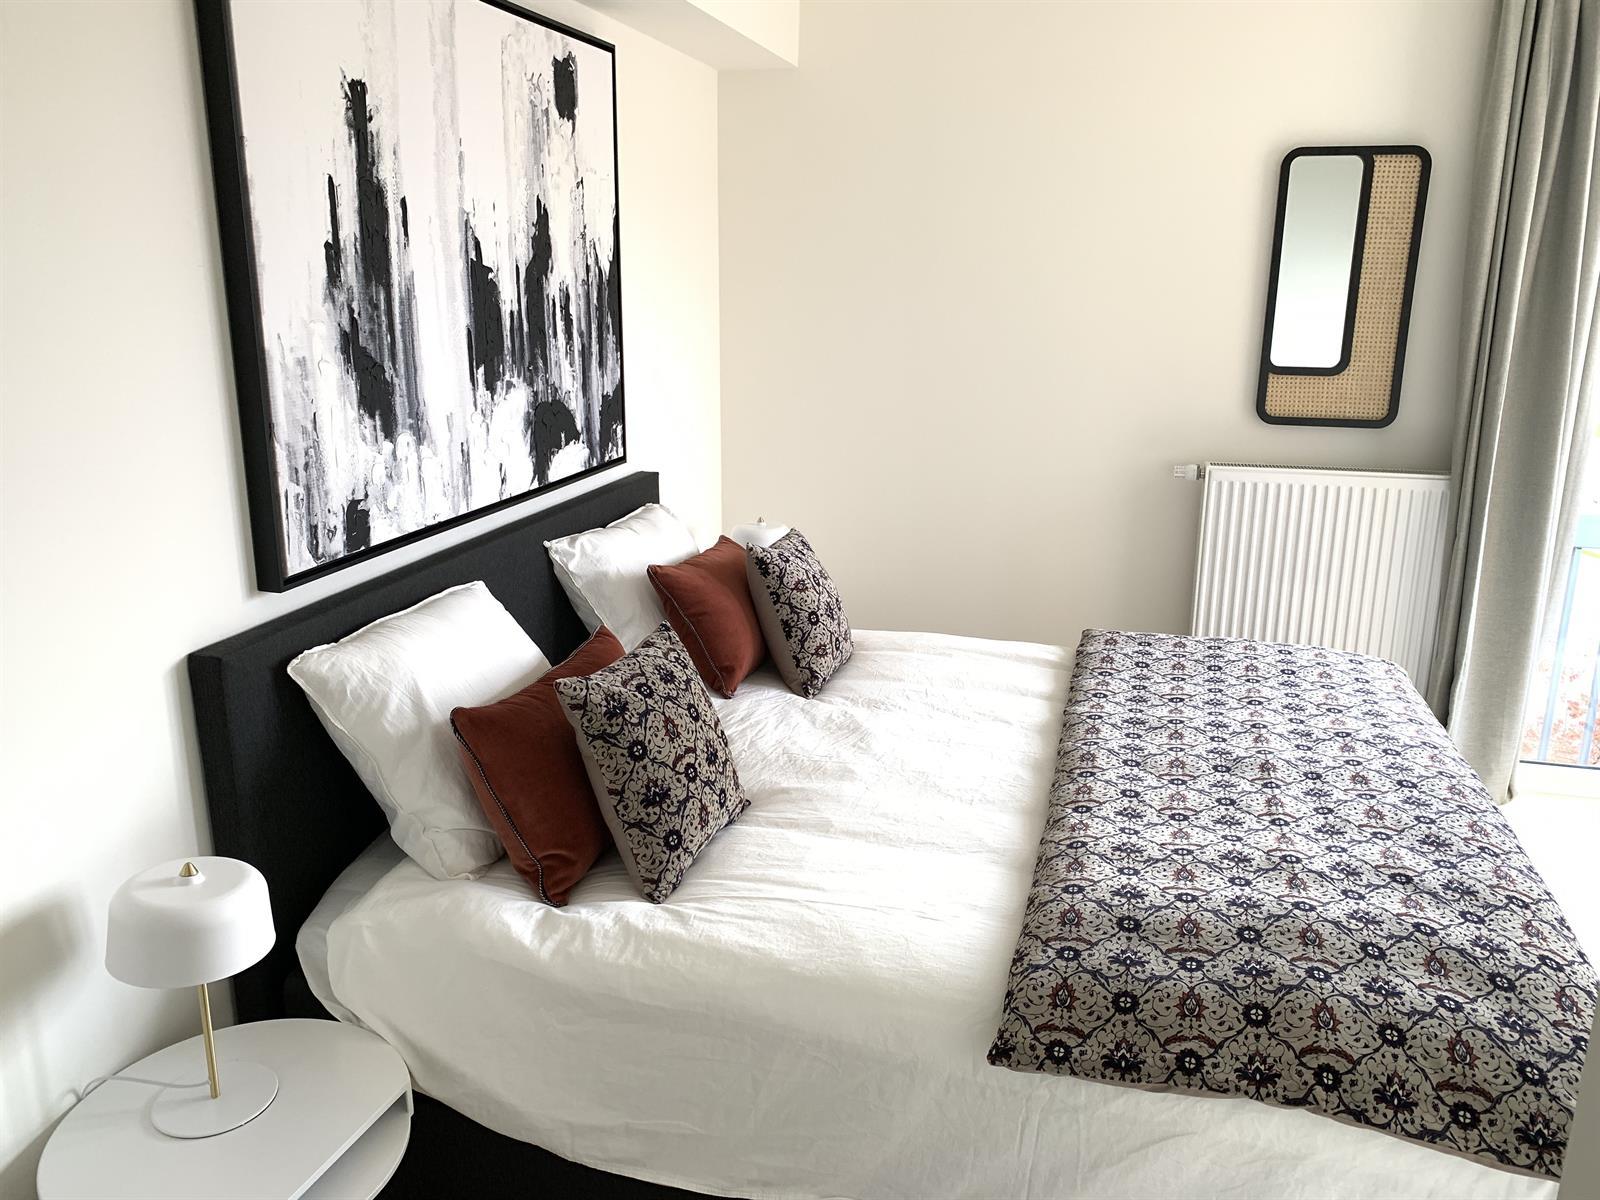 Appartement exceptionnel - Schaerbeek - #3964777-6